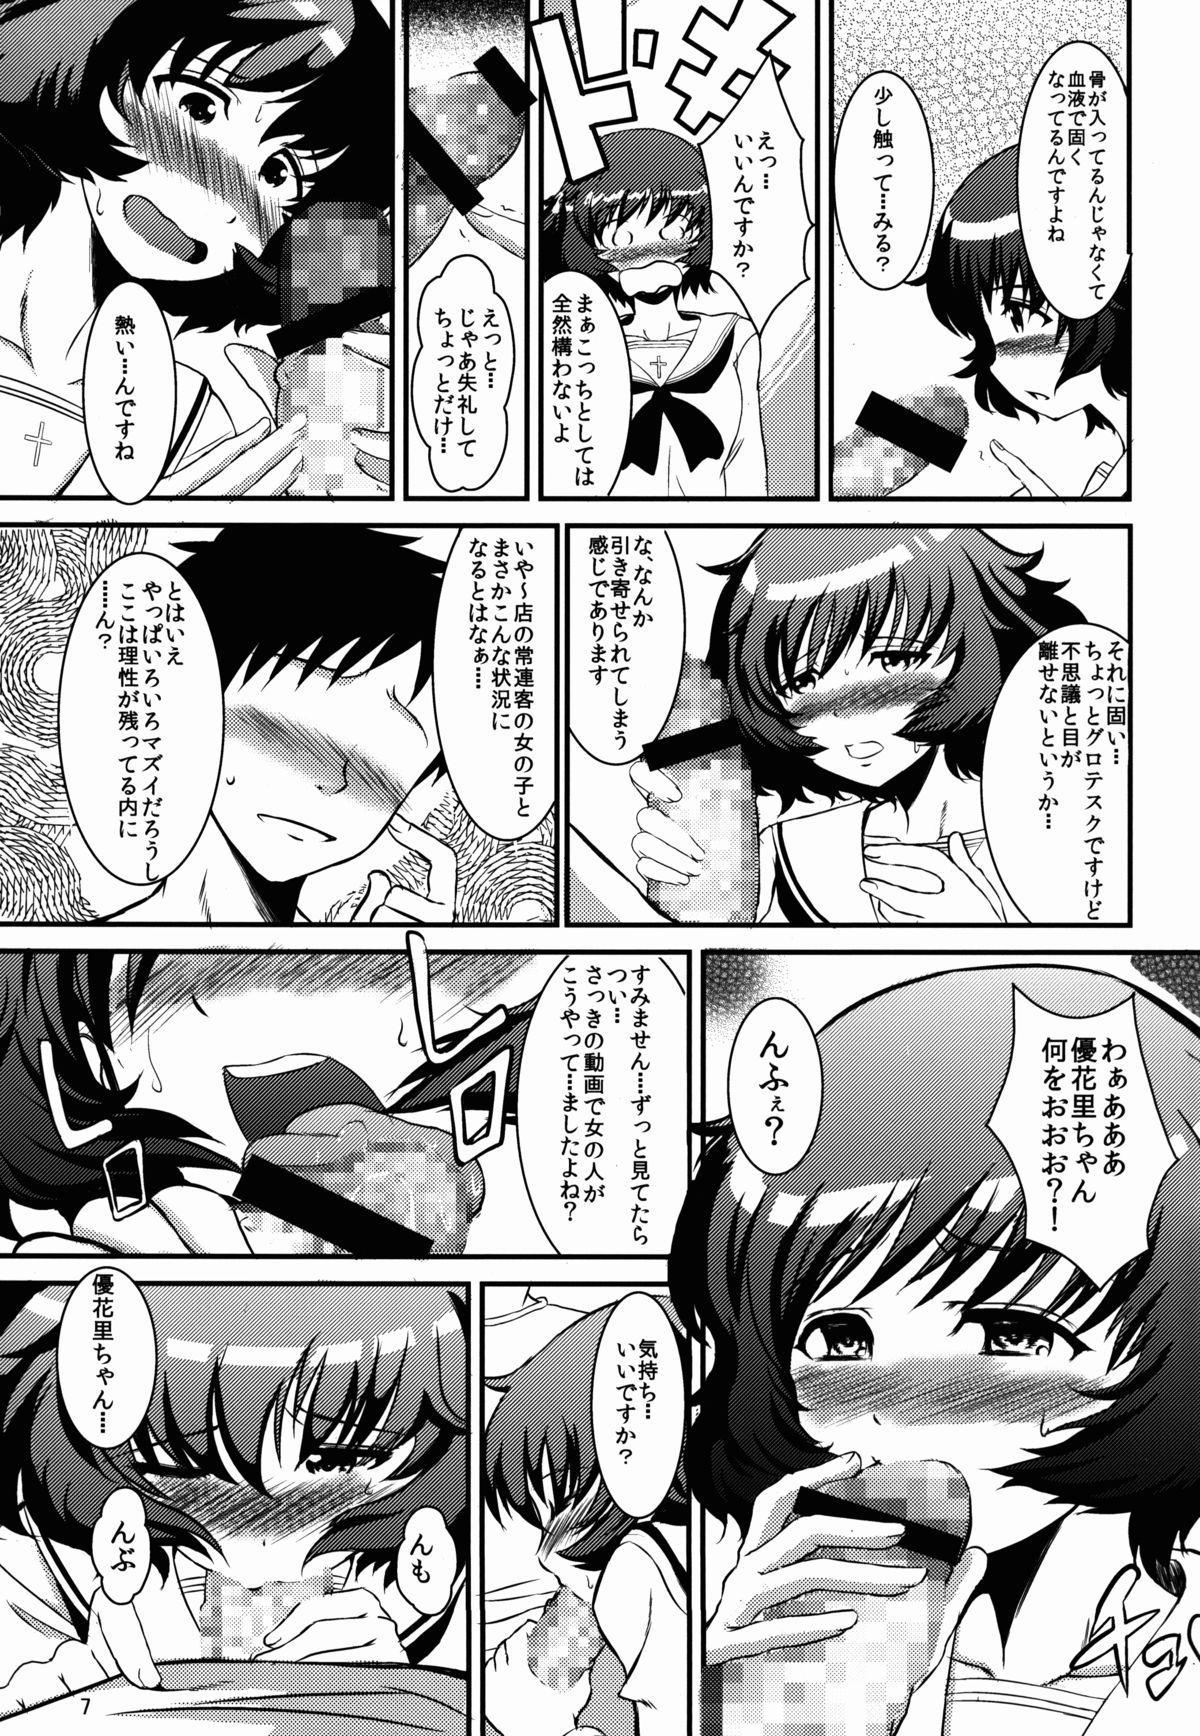 Akiyama-dono Deshou 6